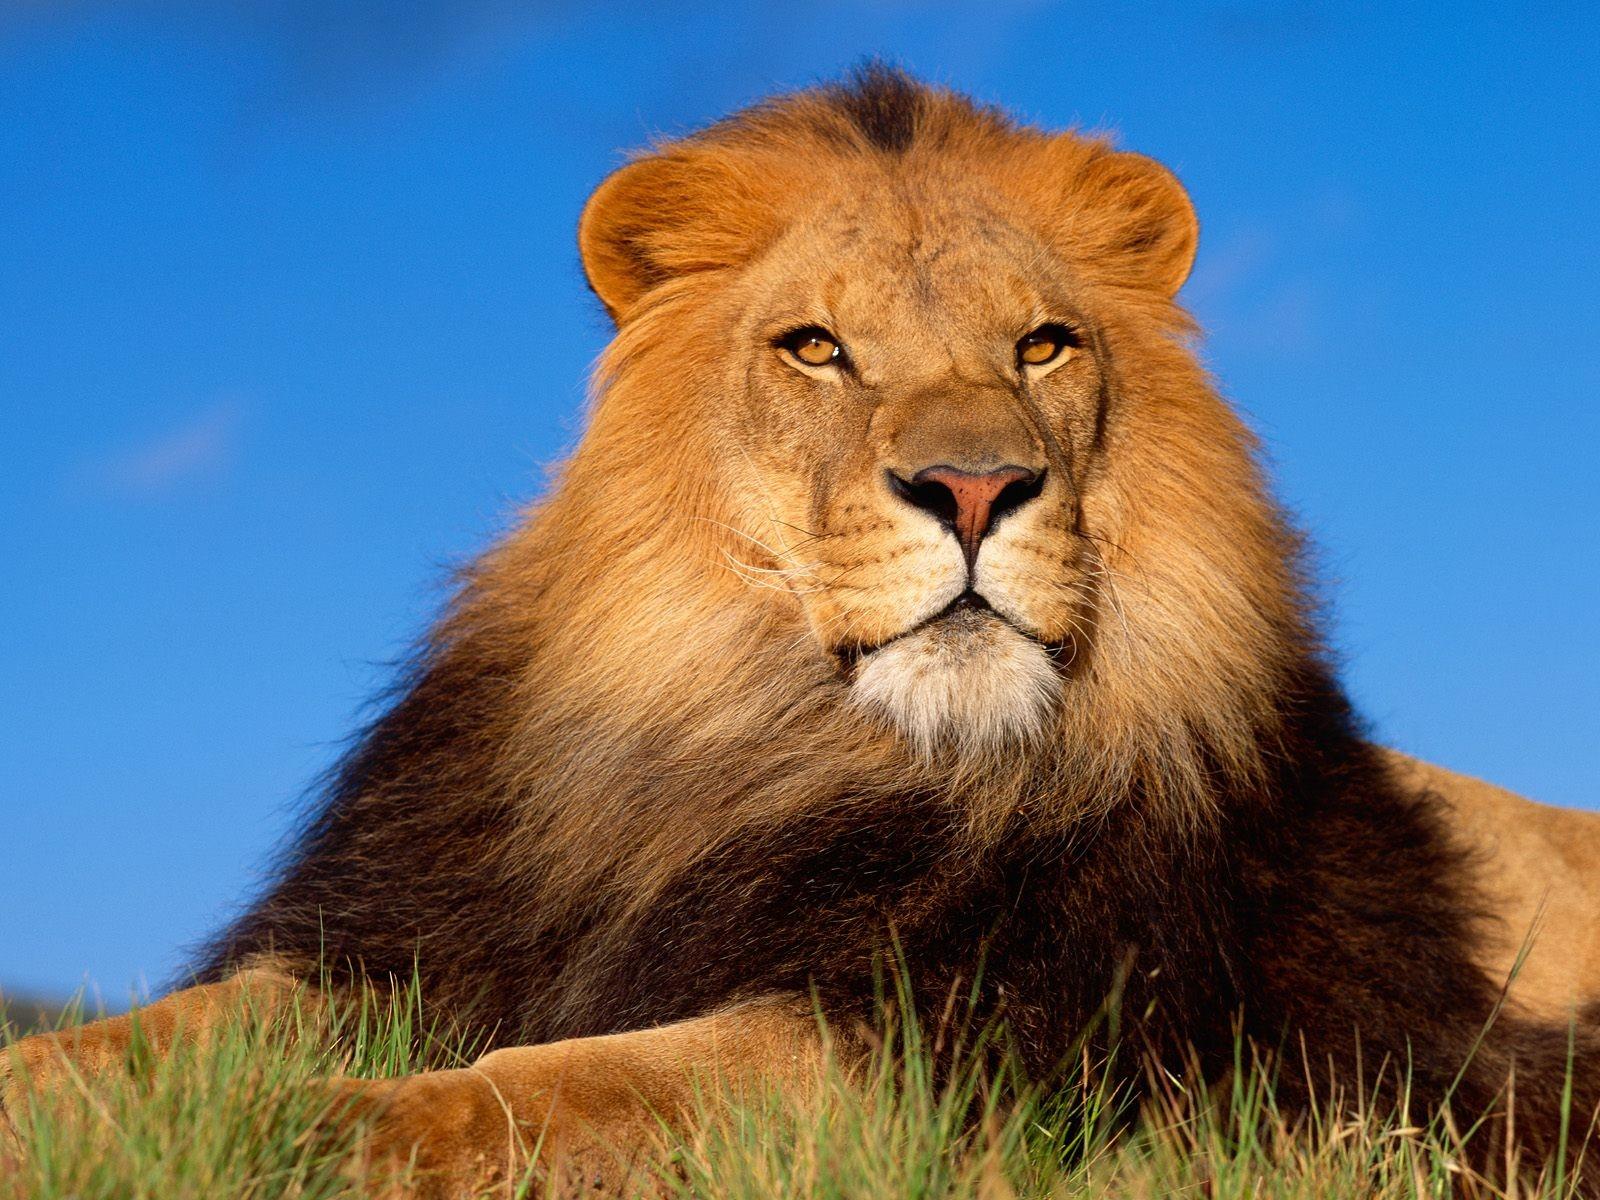 http://3.bp.blogspot.com/-EPdUE6gLhLo/UFbqTcGz9qI/AAAAAAAAFJA/oSGHelCpdQo/s1600/lion+wallpaper+44.jpg